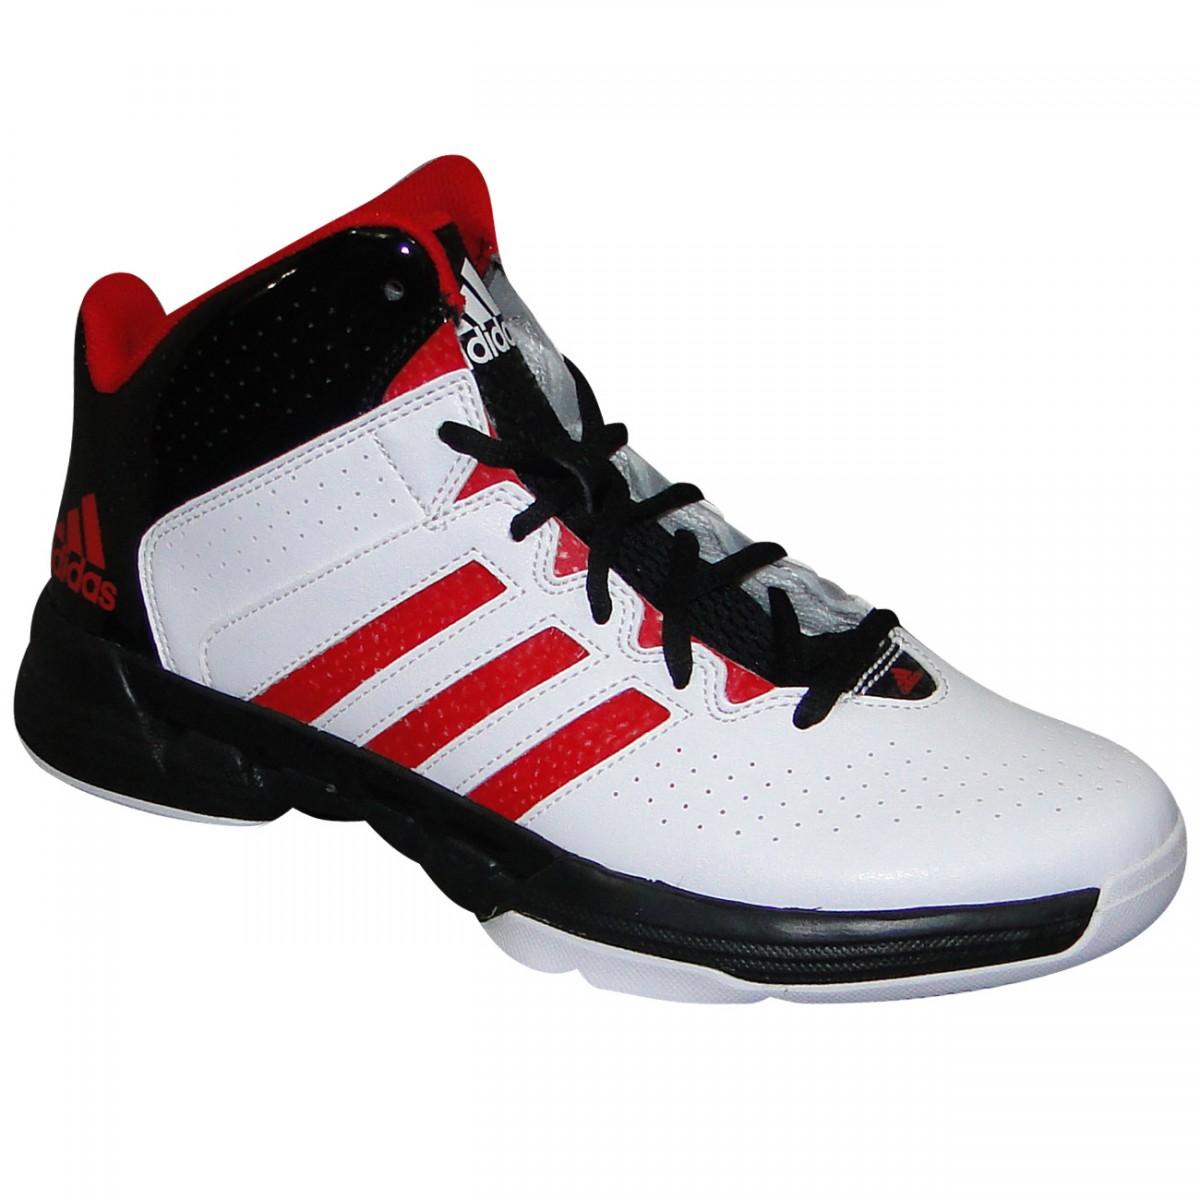 9021a92a746 Tenis Adidas Cross C75553 - Branco Preto Vermelho - Chuteira Nike ...